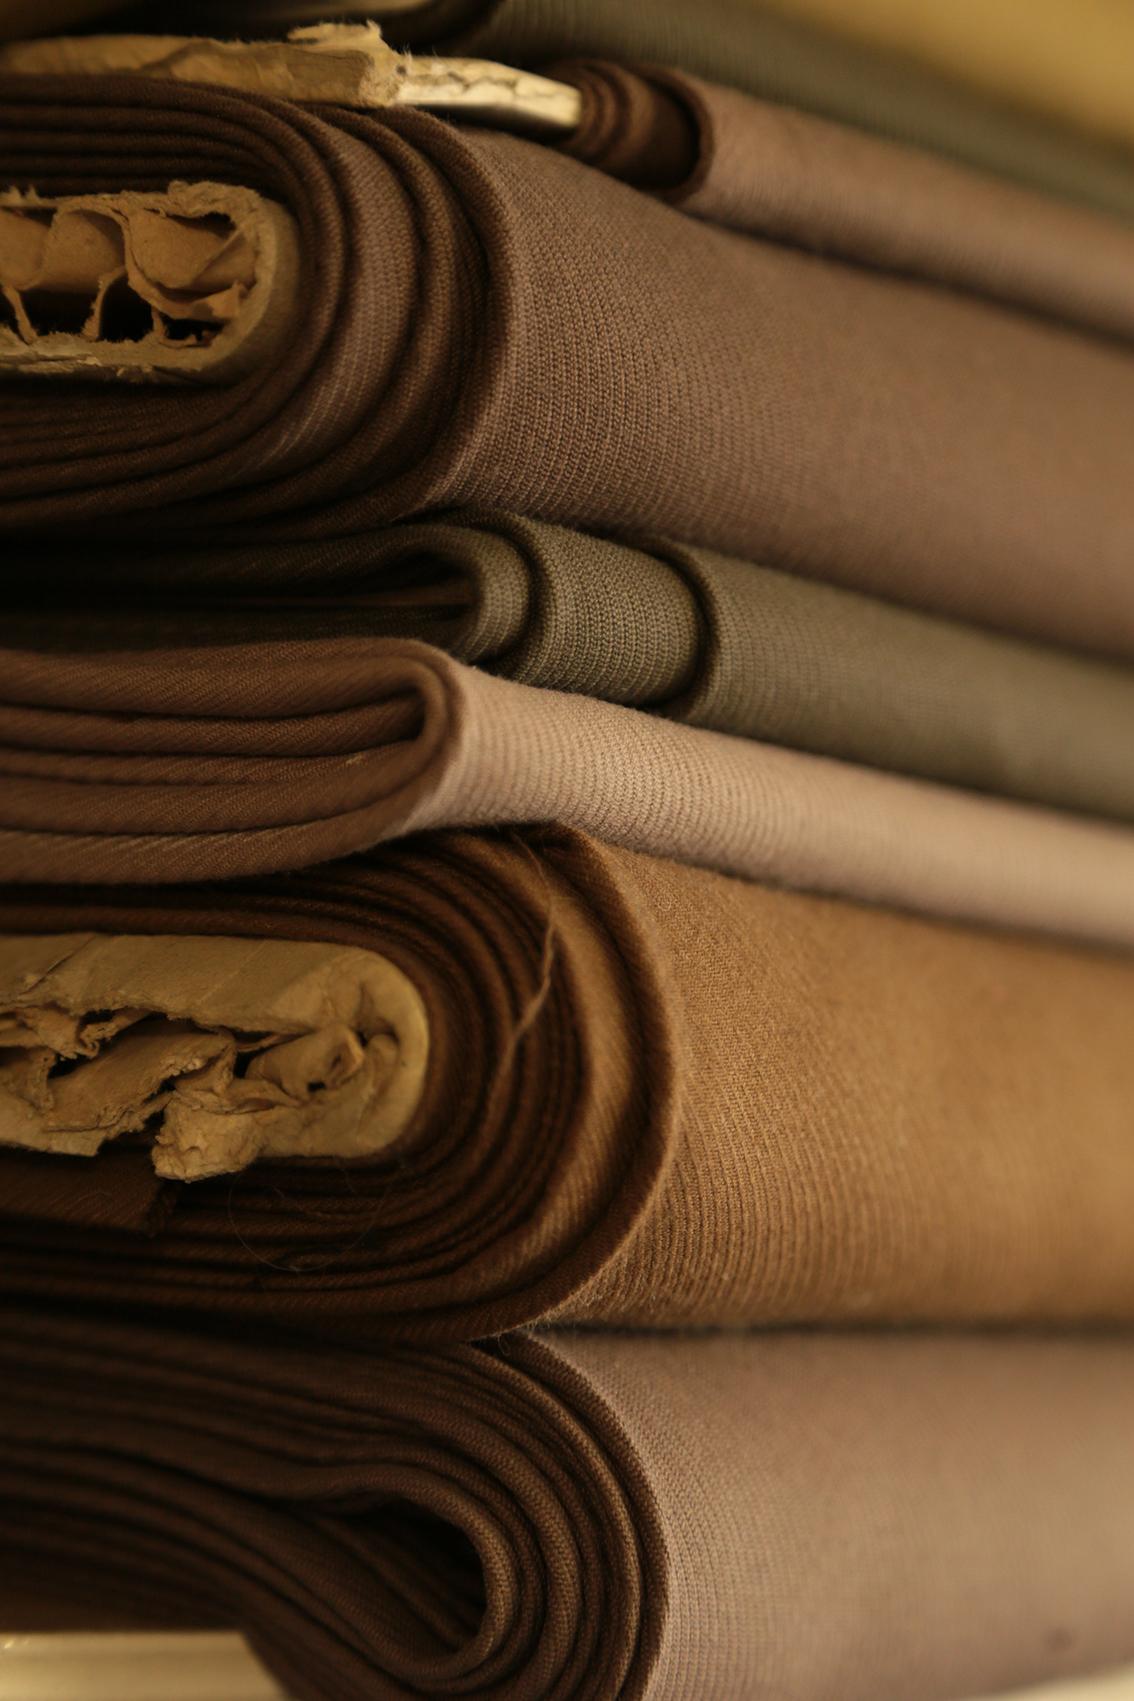 Johnson Tailor Fabrics